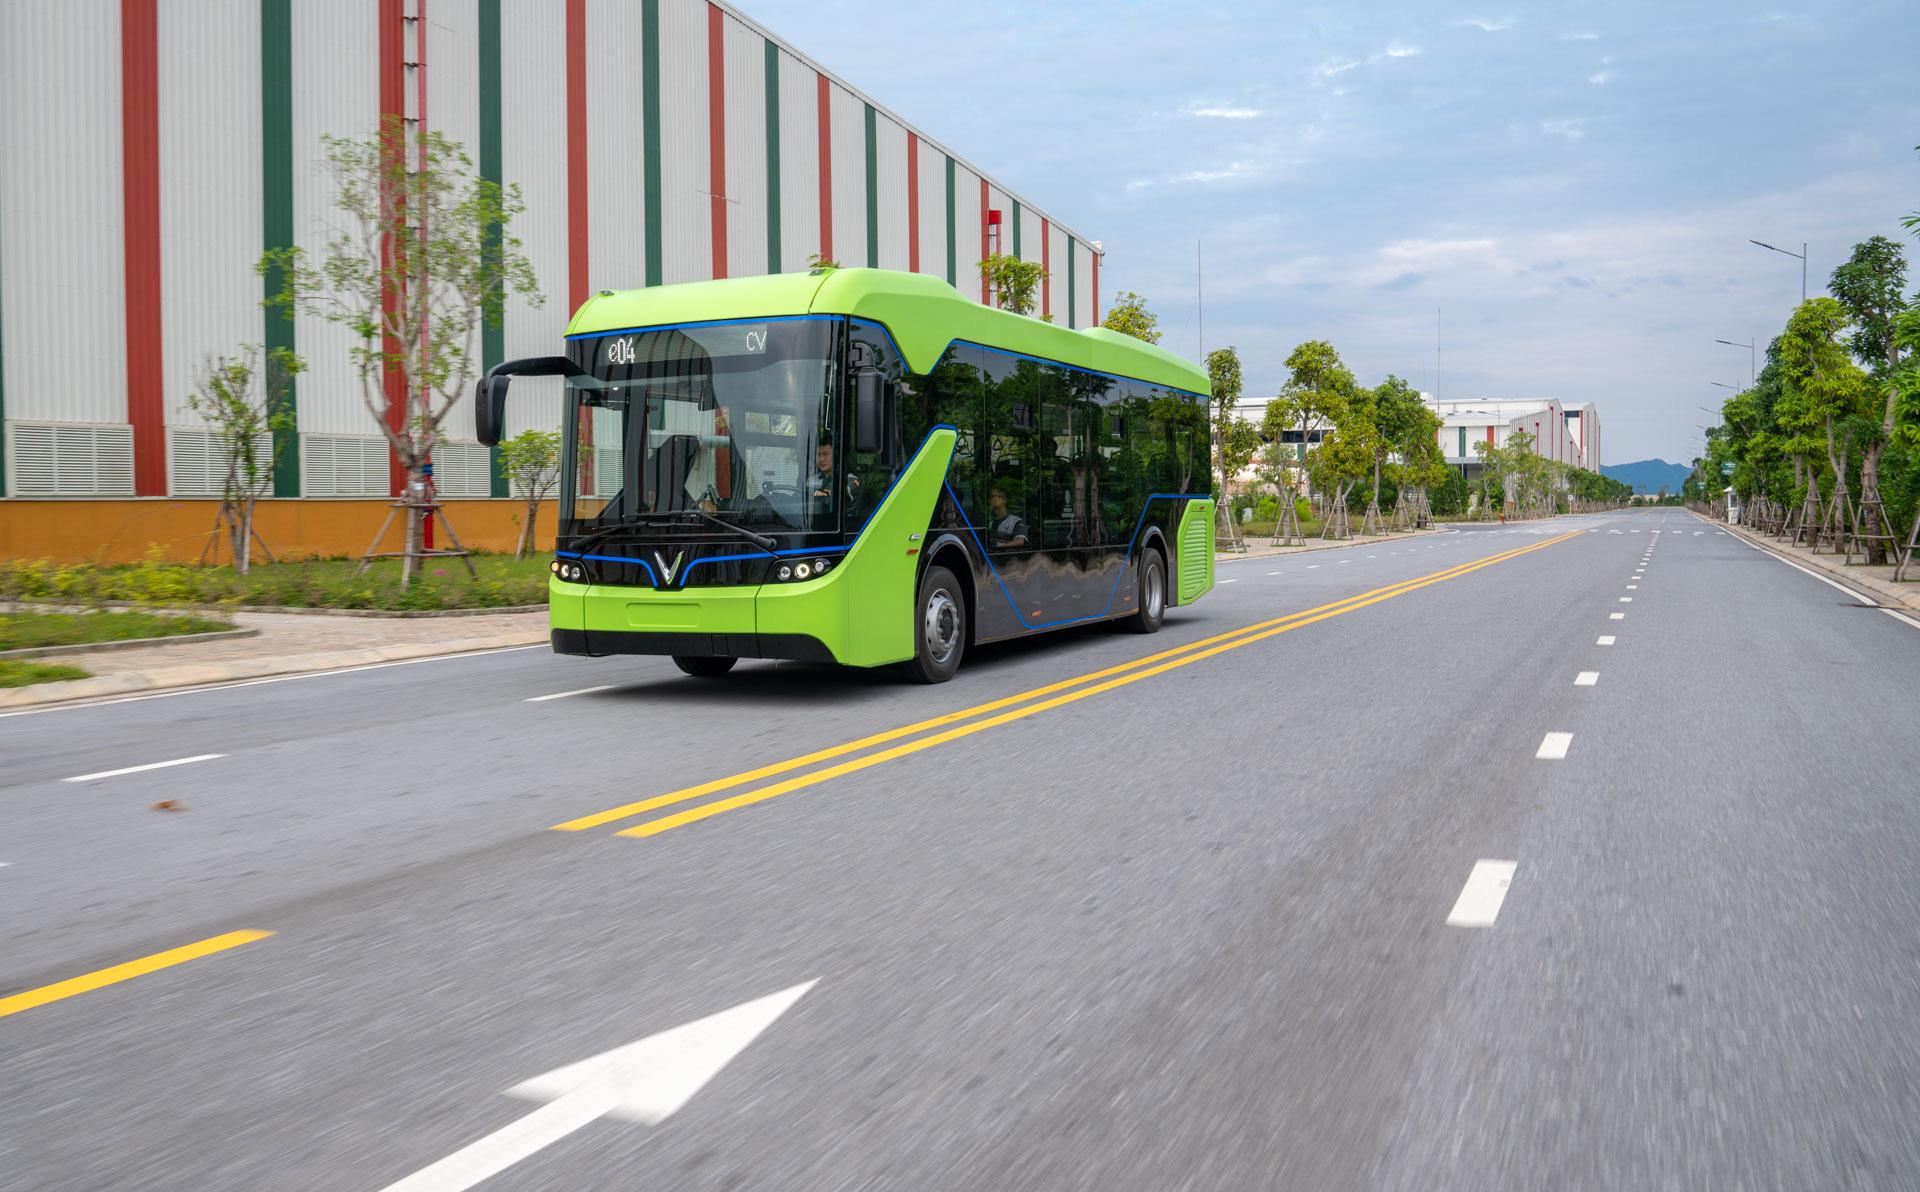 Lộ diện những hình ảnh đầu tiên của chiếc xe bus điện VinFast chạy trên đường